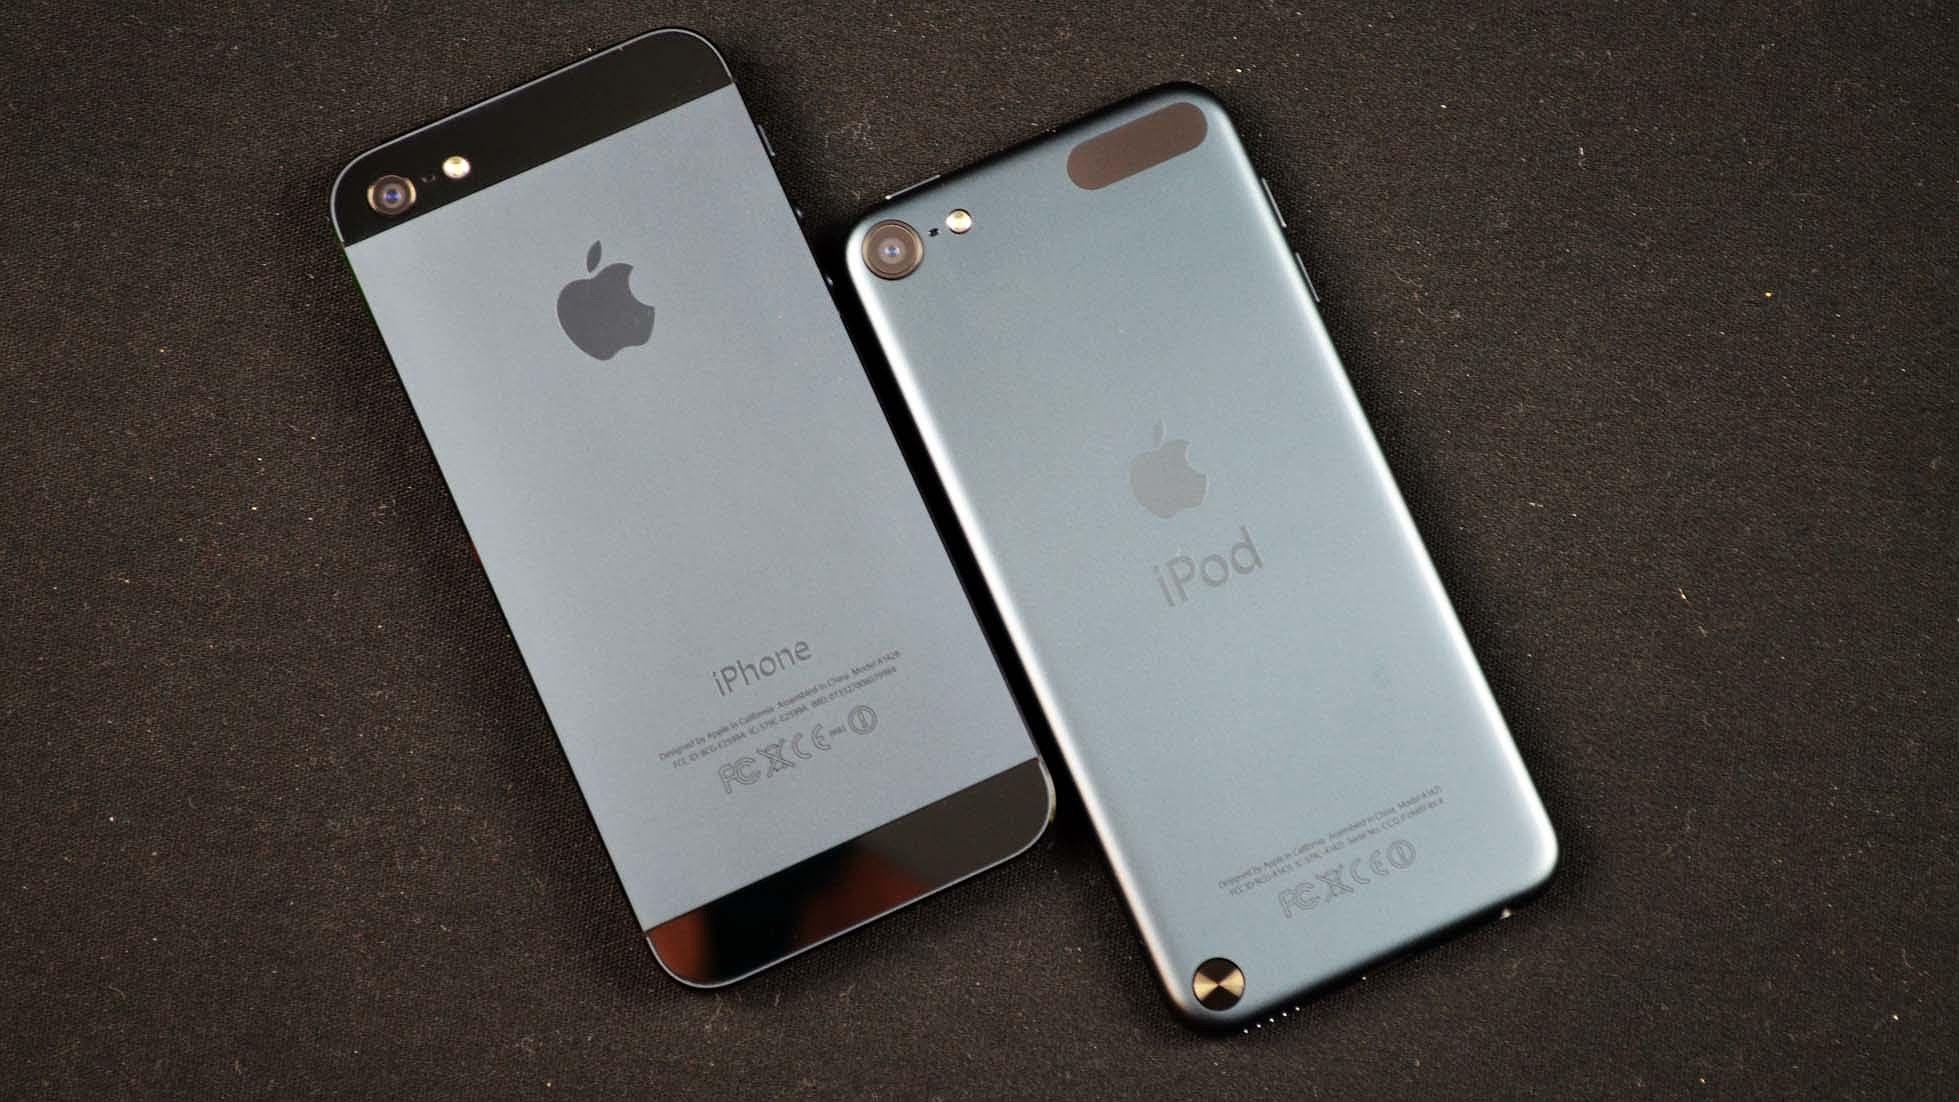 3 cách tận dụng iPhone cũ thay vì bỏ đi Ảnh 6